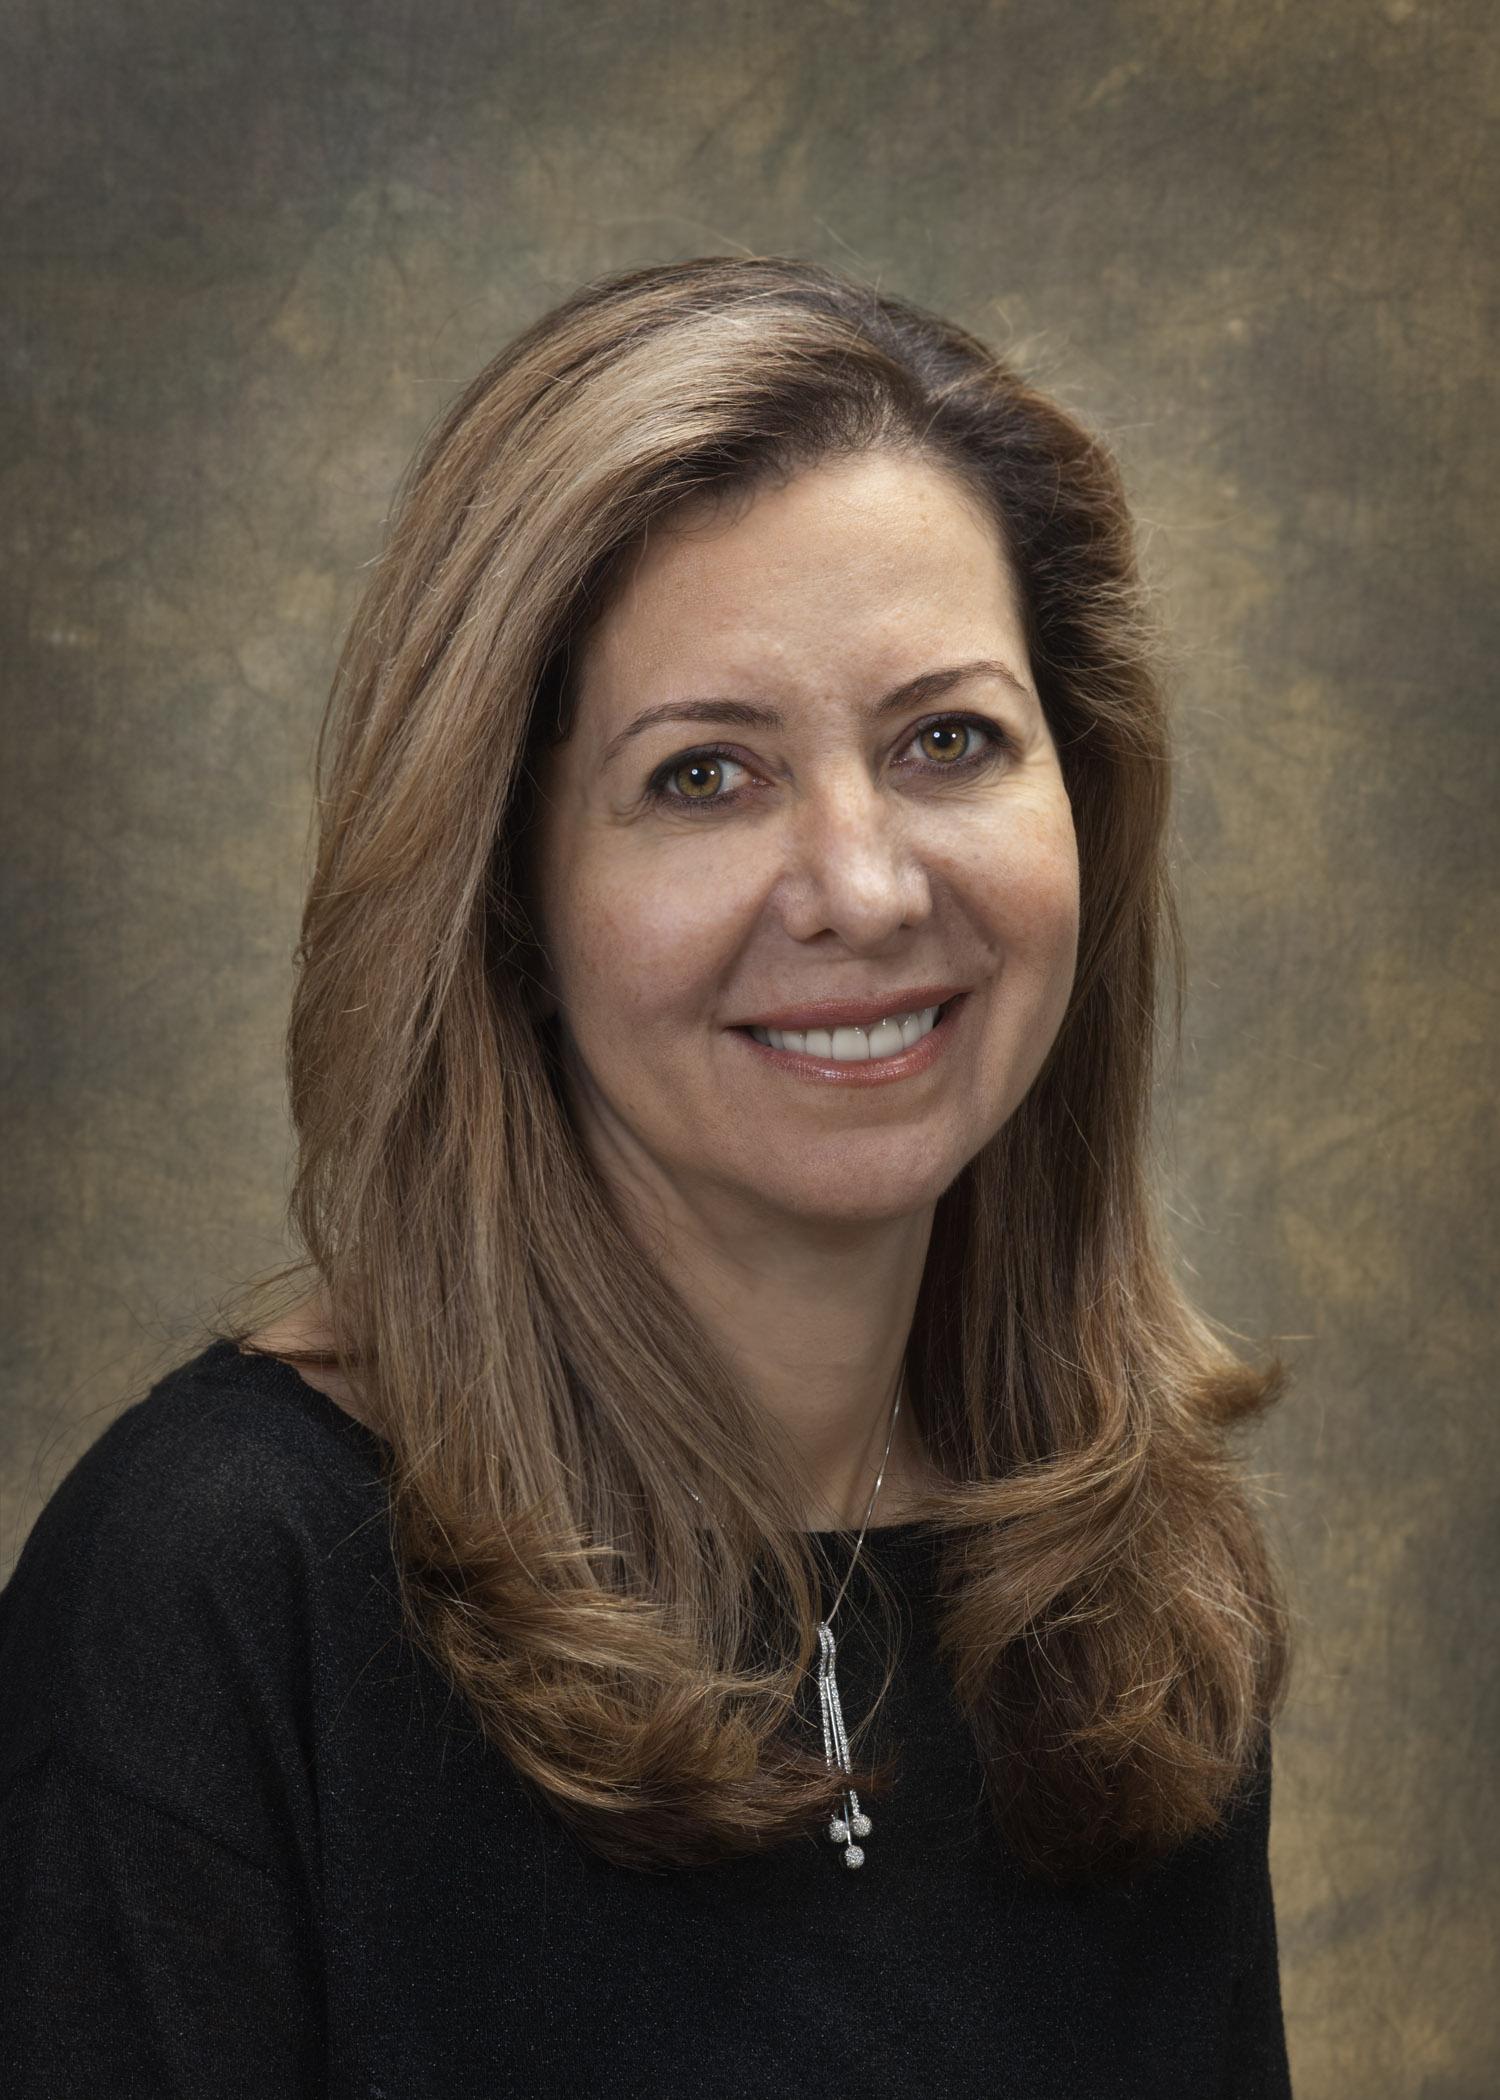 Rouba Ali-Fehmi, M.D.